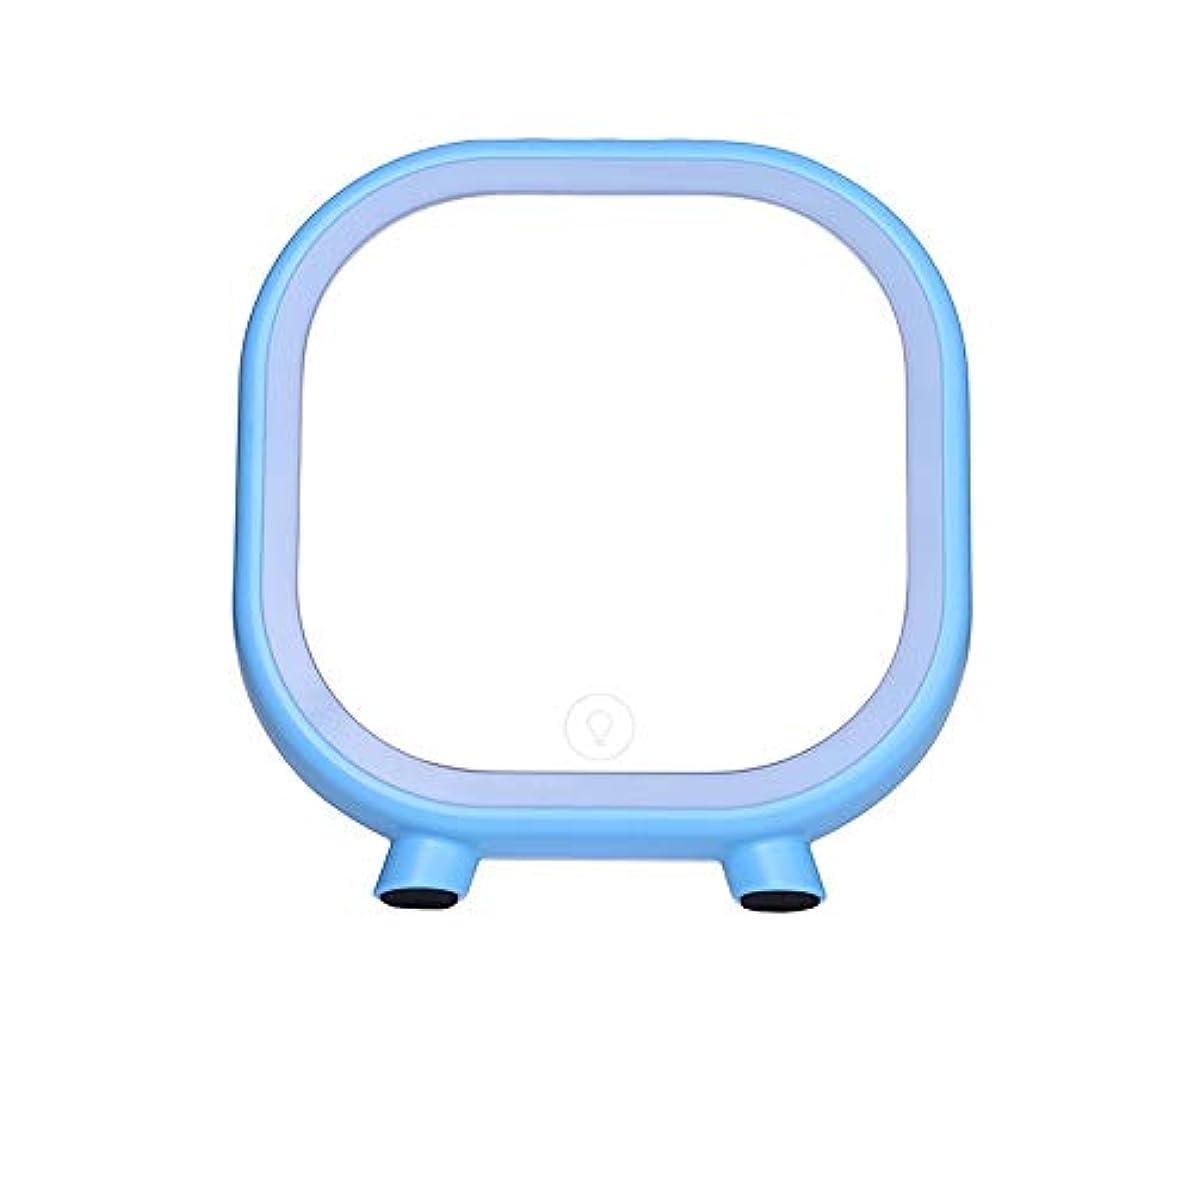 ハドル腐食するボリューム流行の 創造的なLEDの薄いピンク/青い正方形のブルートゥースのスピーカーの化粧台/化粧鏡 (色 : Blue)